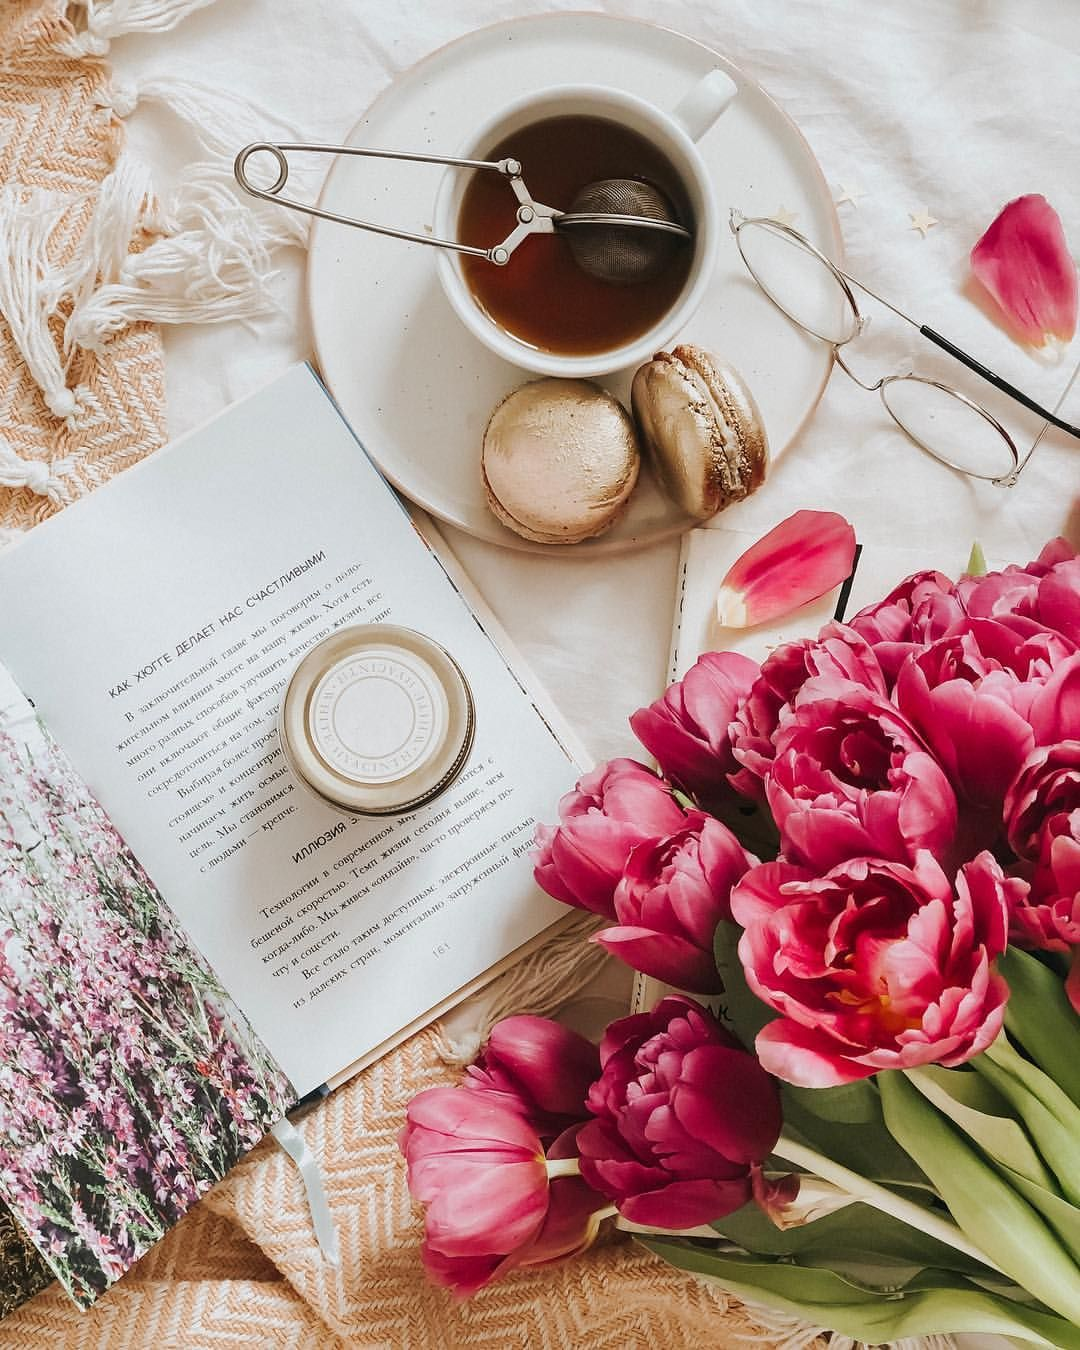 кофе фото красивые для инстаграм